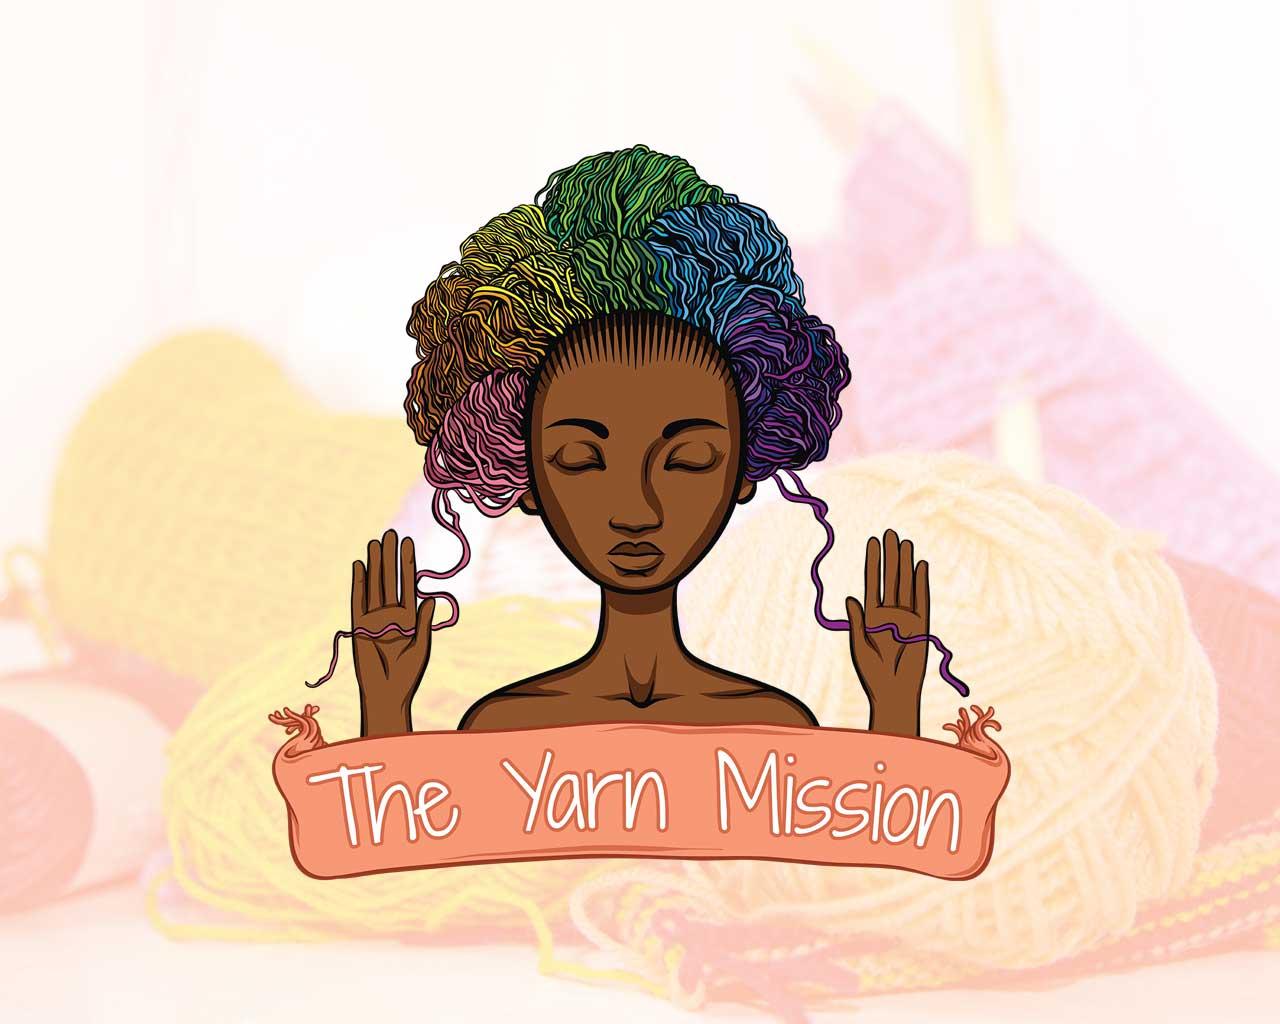 The Yarn Mission